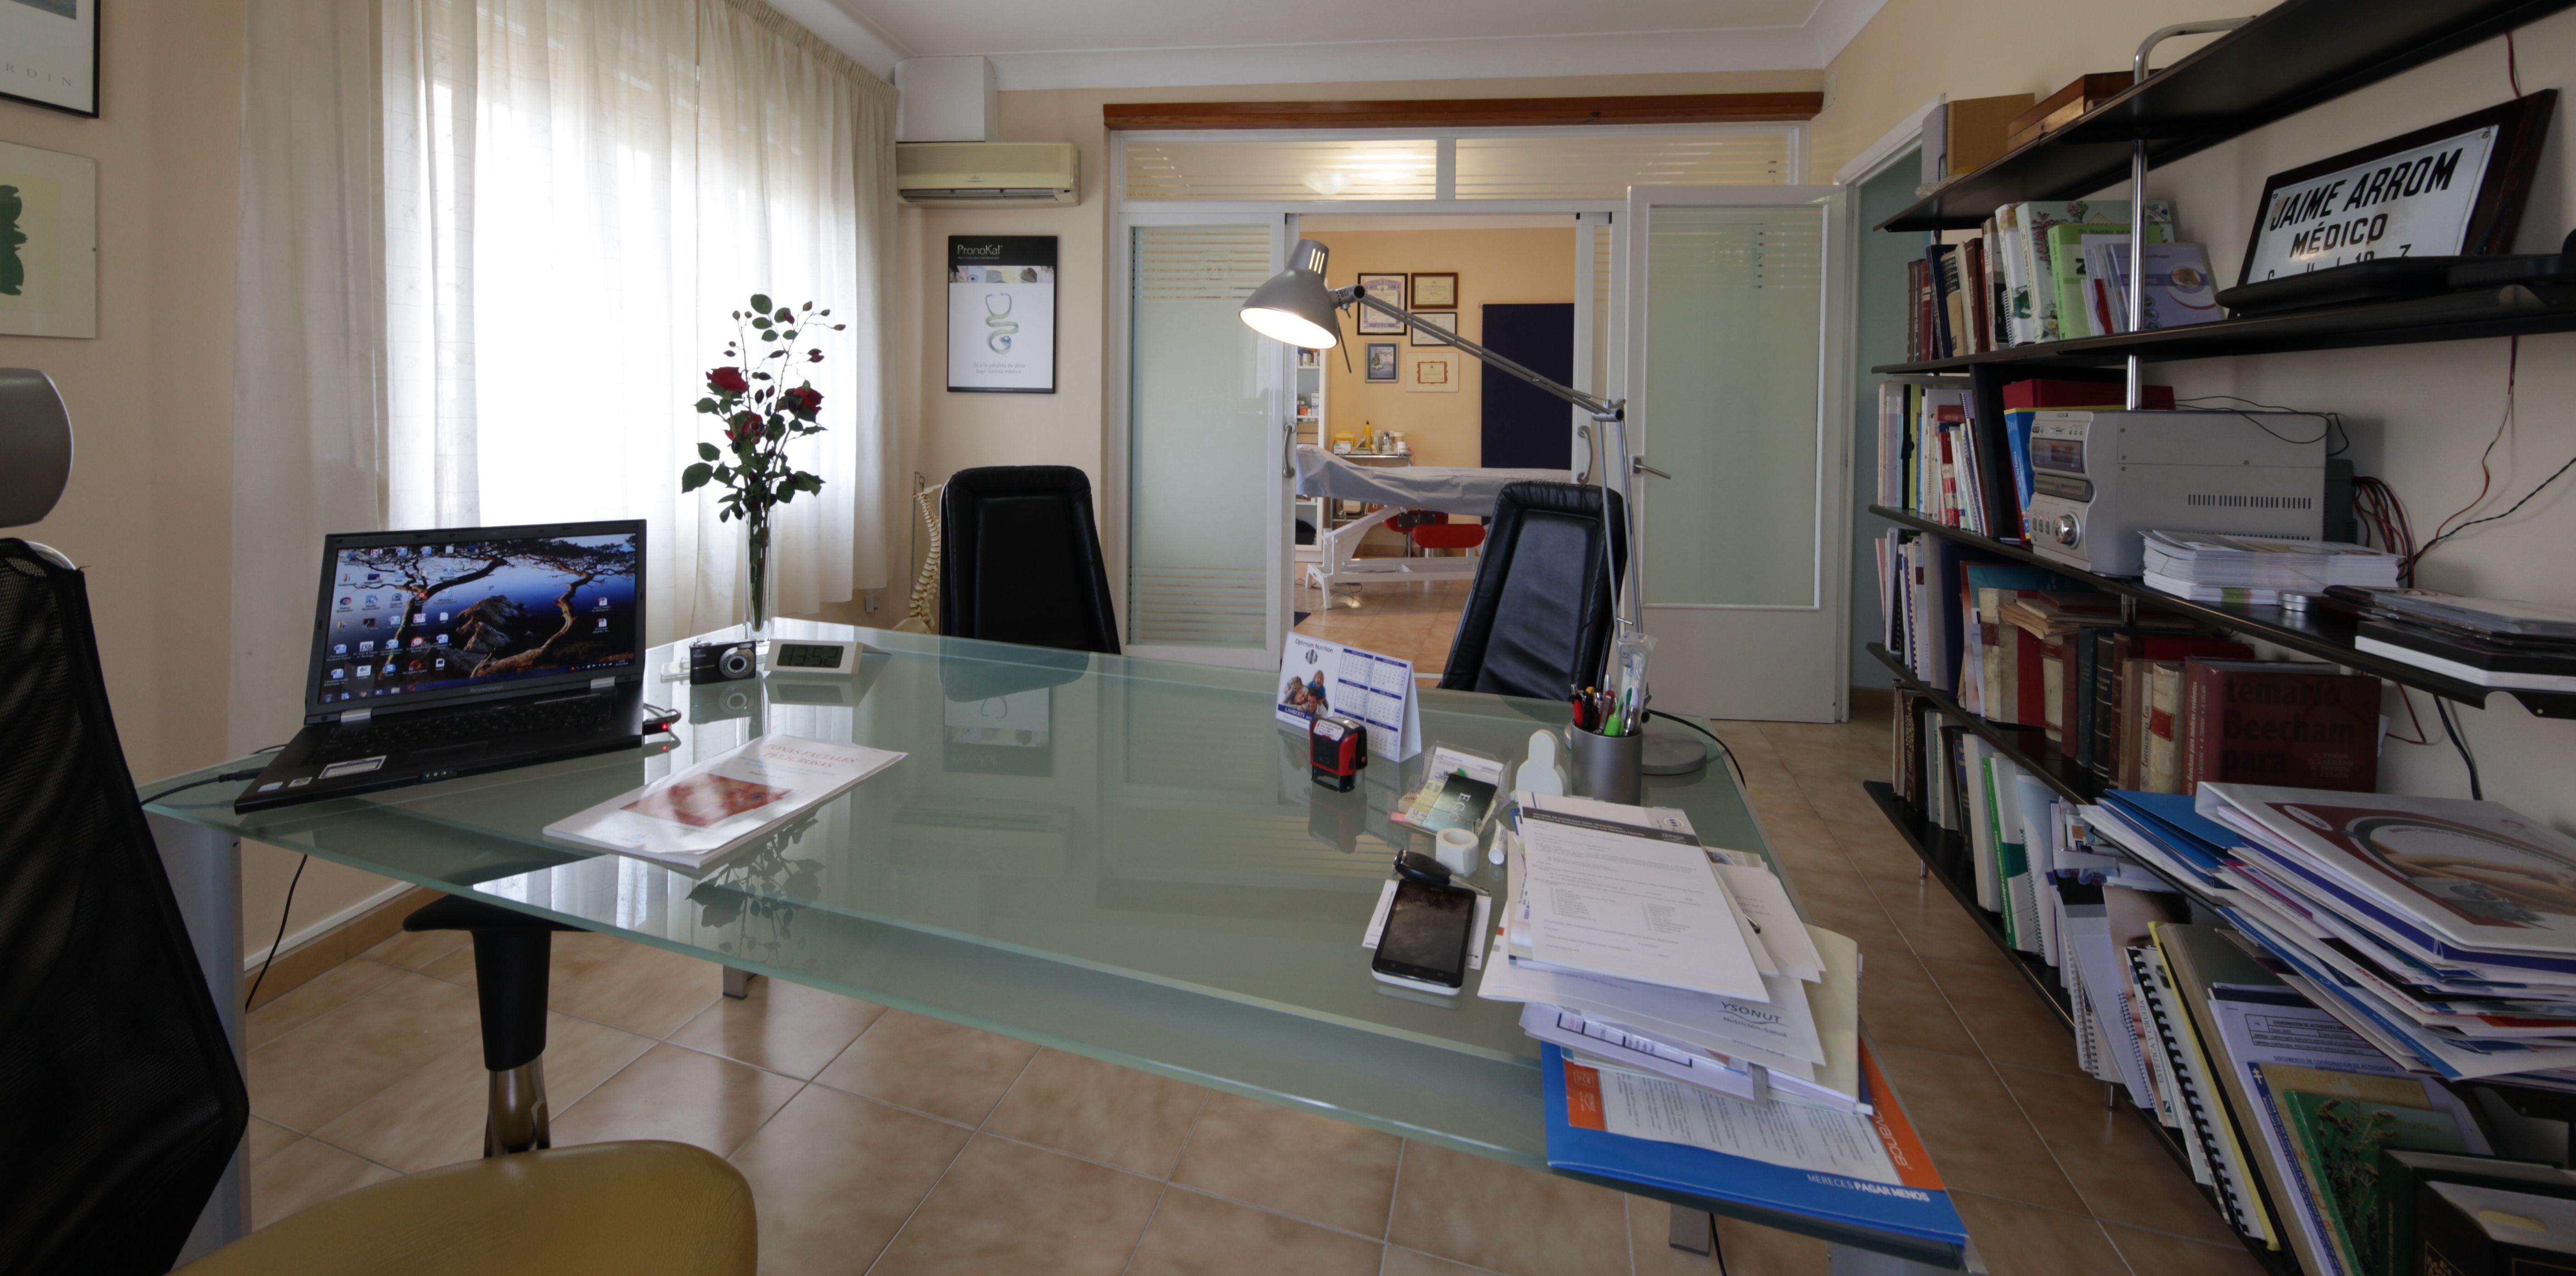 La Dra. Arrom te ofrece tratamientos totalmente personalizados en un ambiente de confianza, tranquilo y confortable